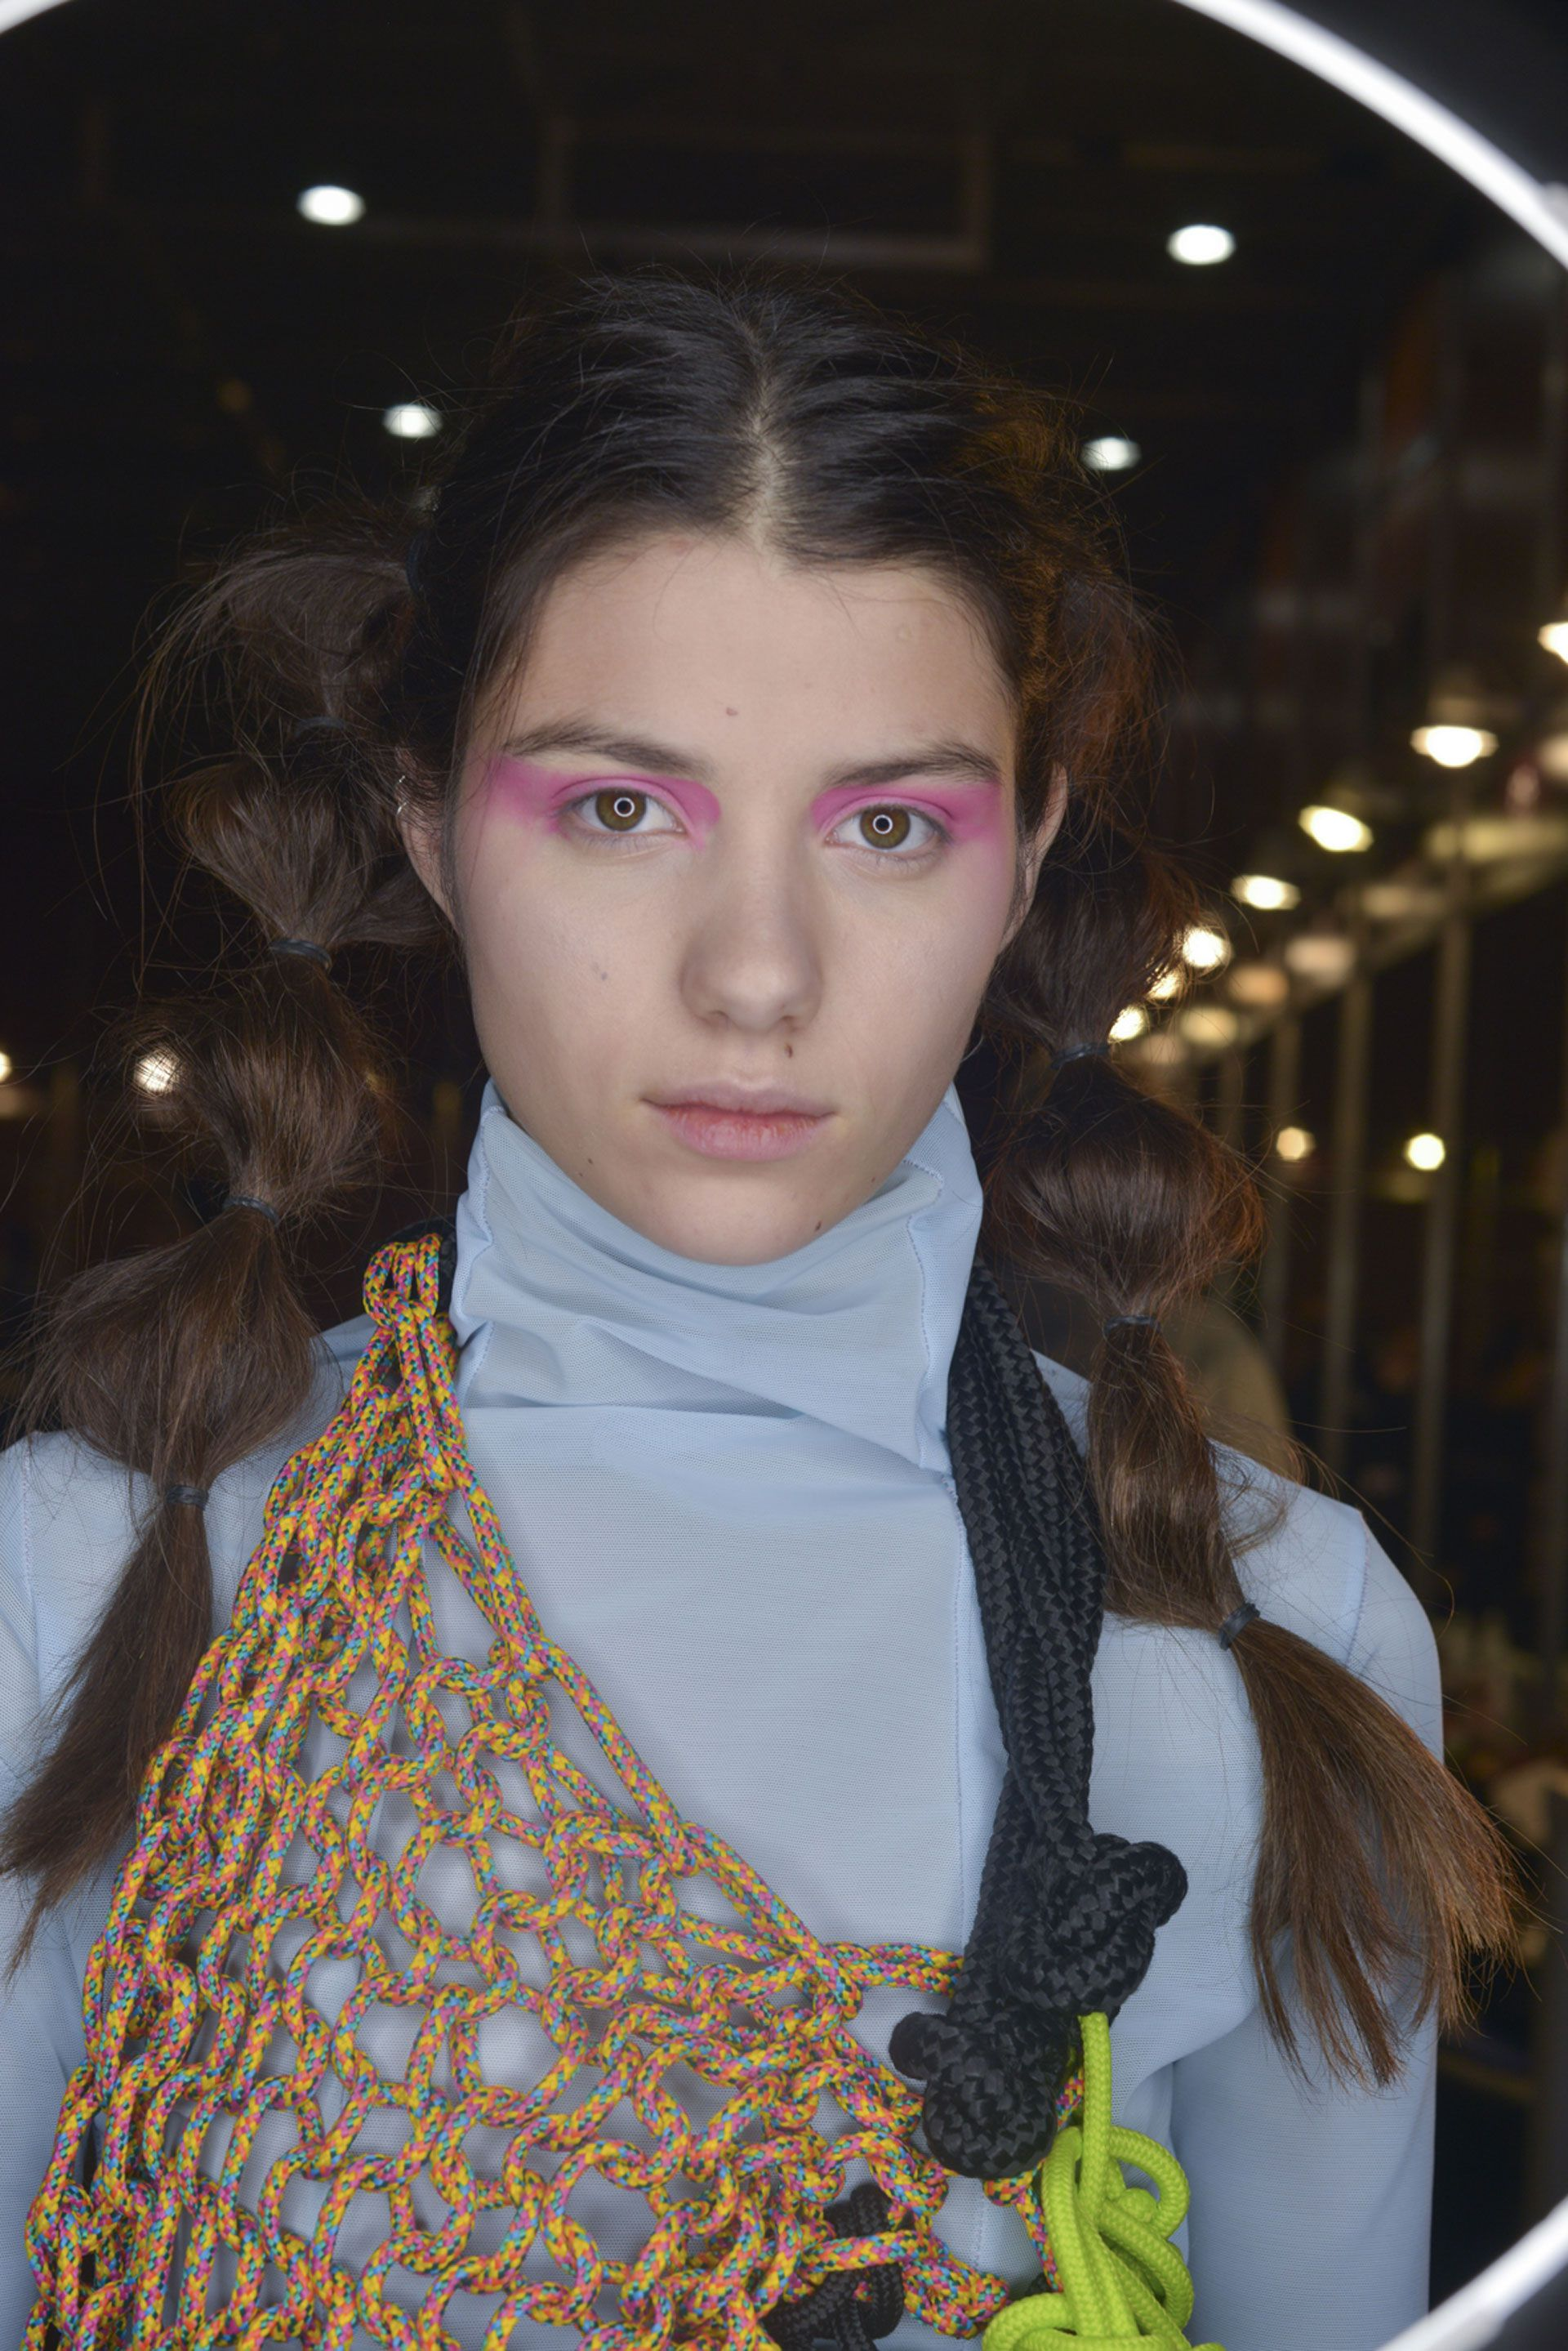 Sombras fucsias, así fue el makeup de Vanesa Krongold en BAFWEEK (Karina Mendoza)